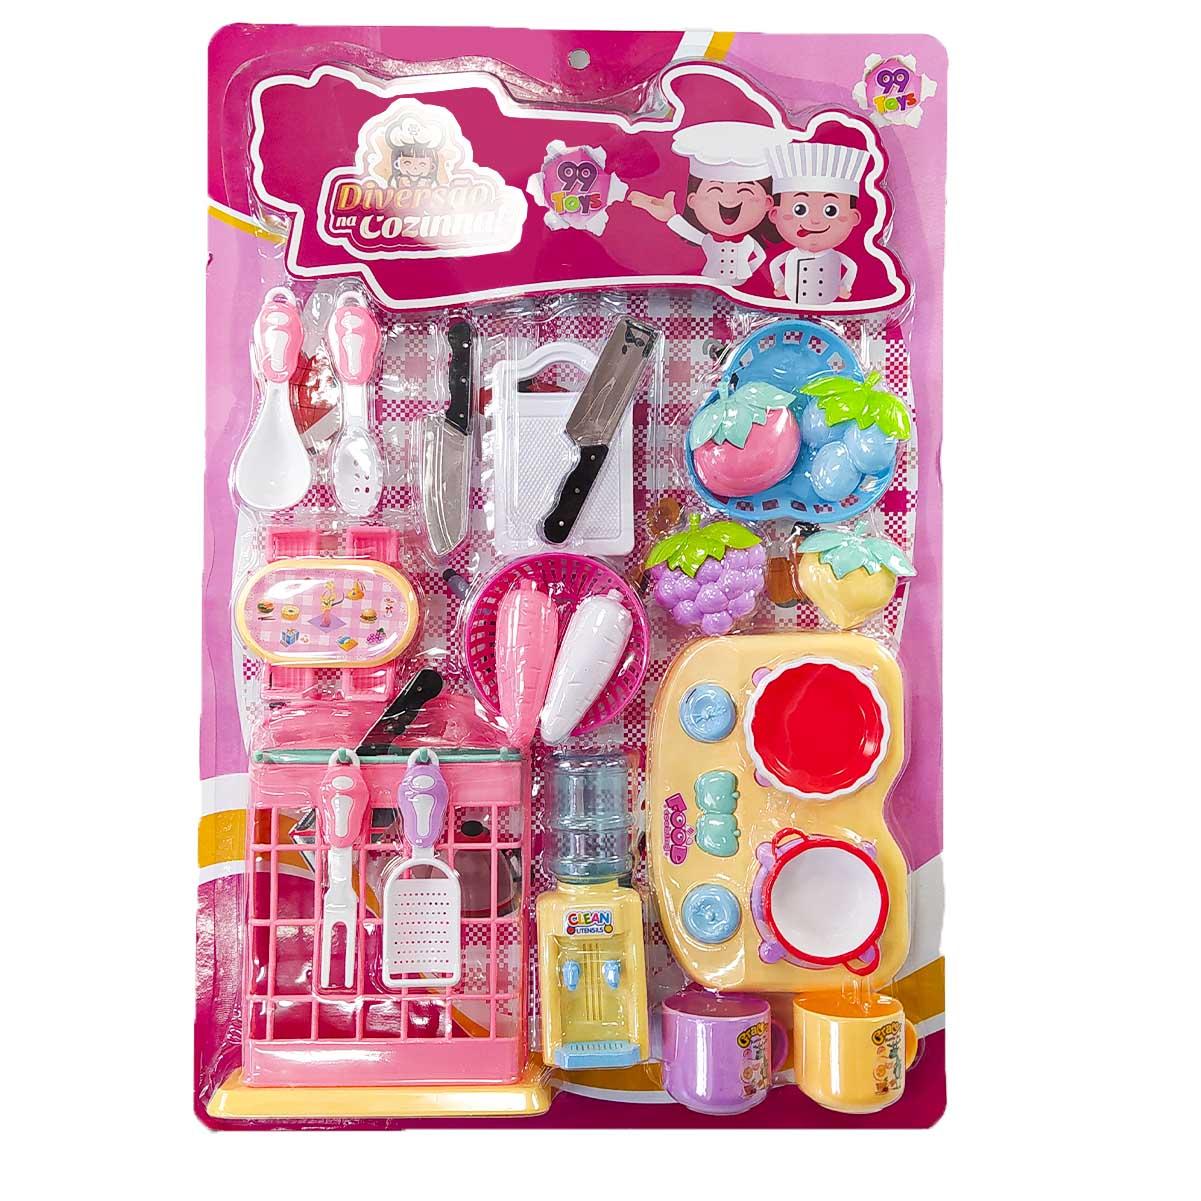 Kit Cozinha Brinquedo Com 28 Itens Criança Diversão